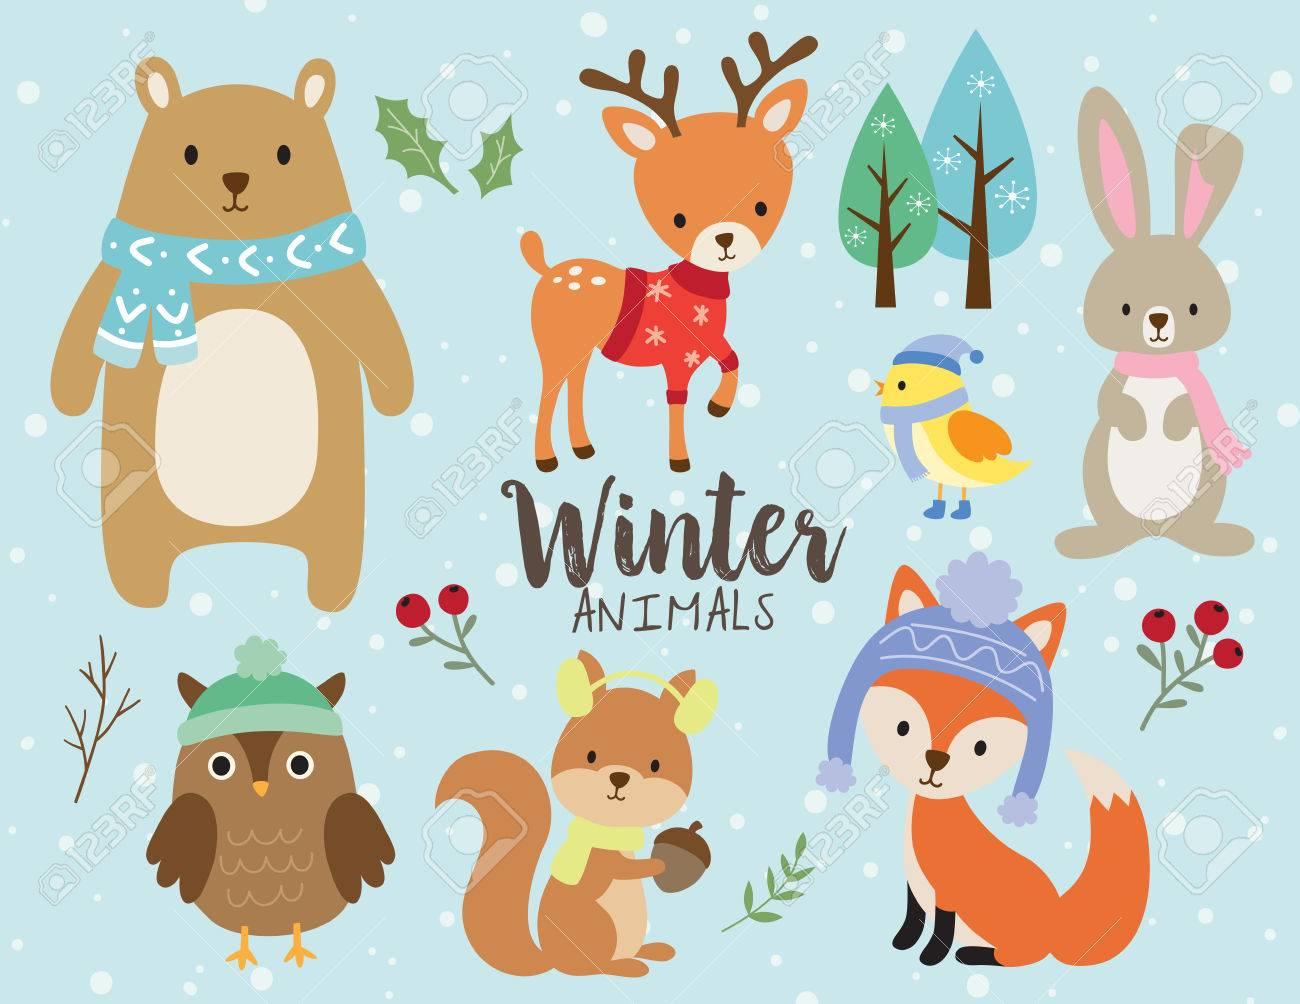 熊、鹿、ウサギ、ウサギ、フクロウ、リス、鳥、フォックスの冬の服装を身